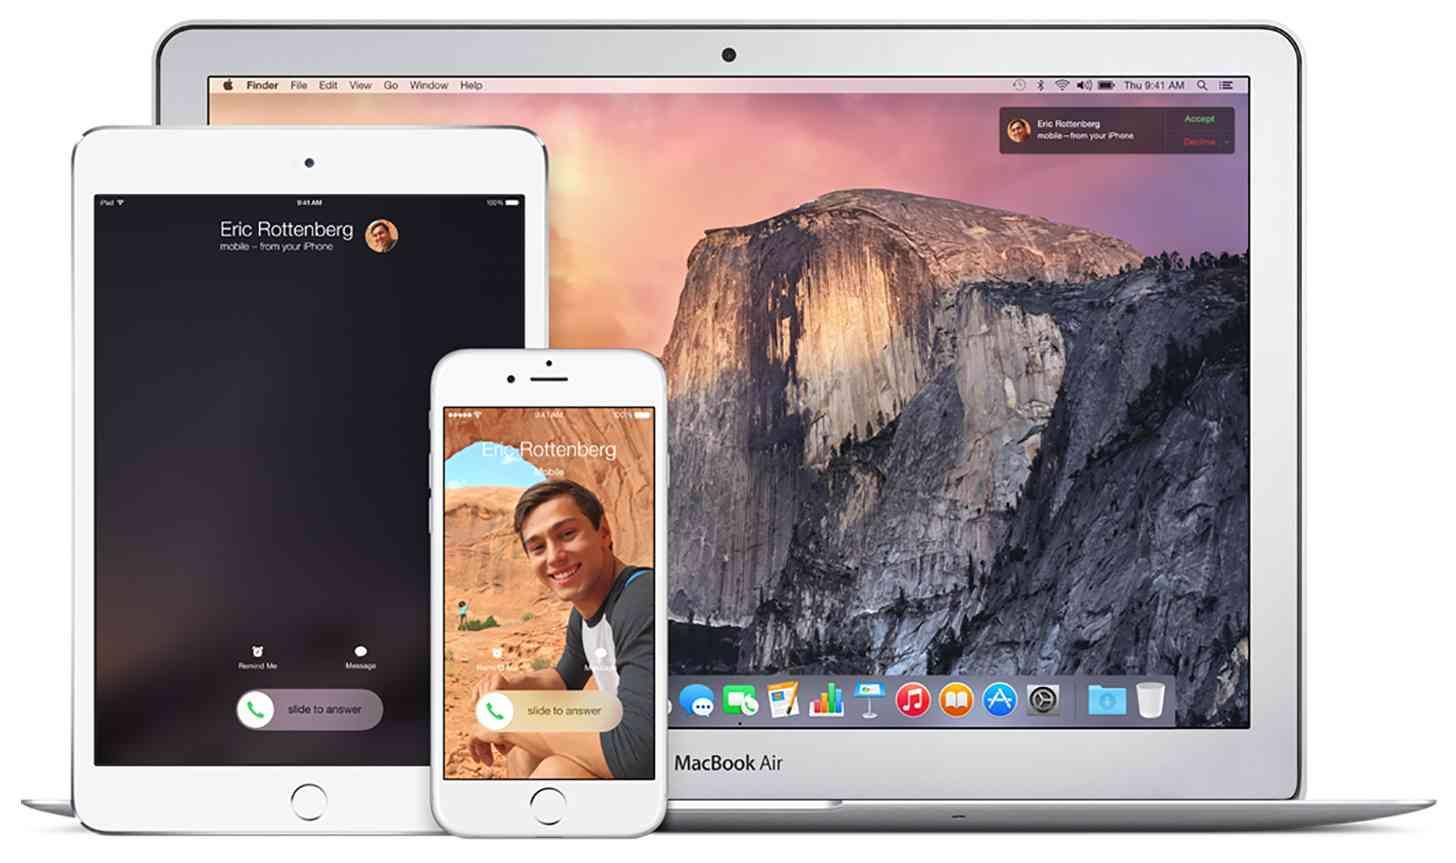 iOS Mac Continuity